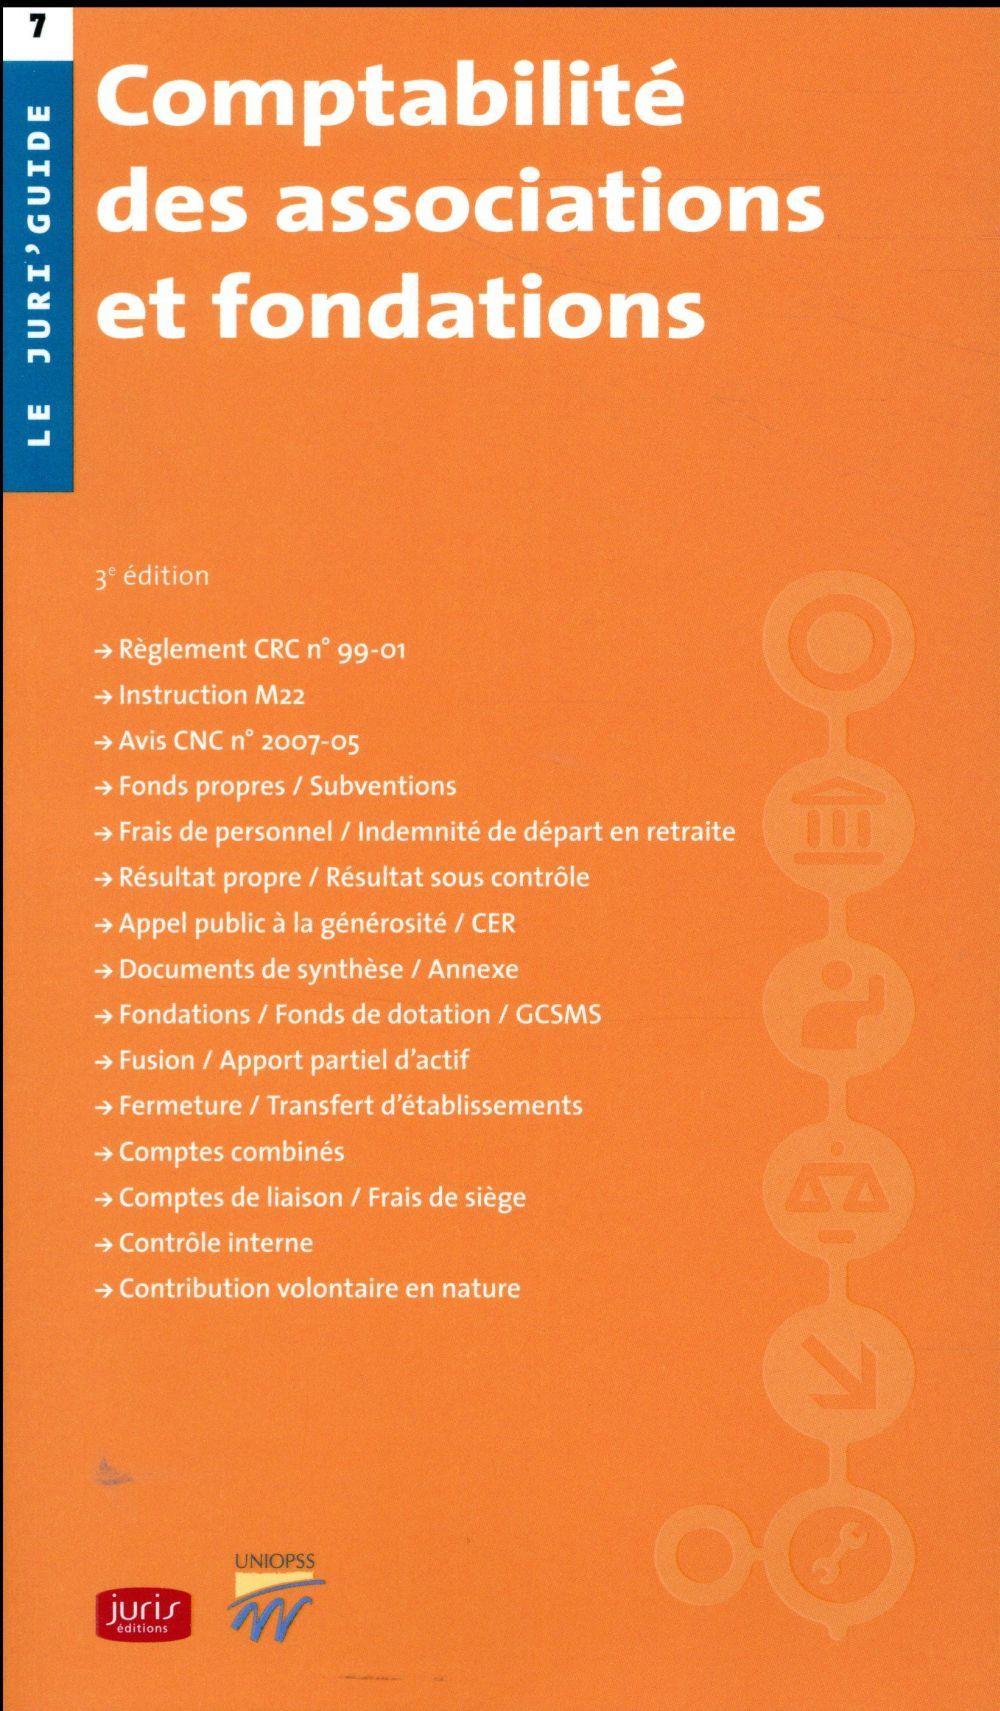 Comptabilité des associations et fondations (3e édition)